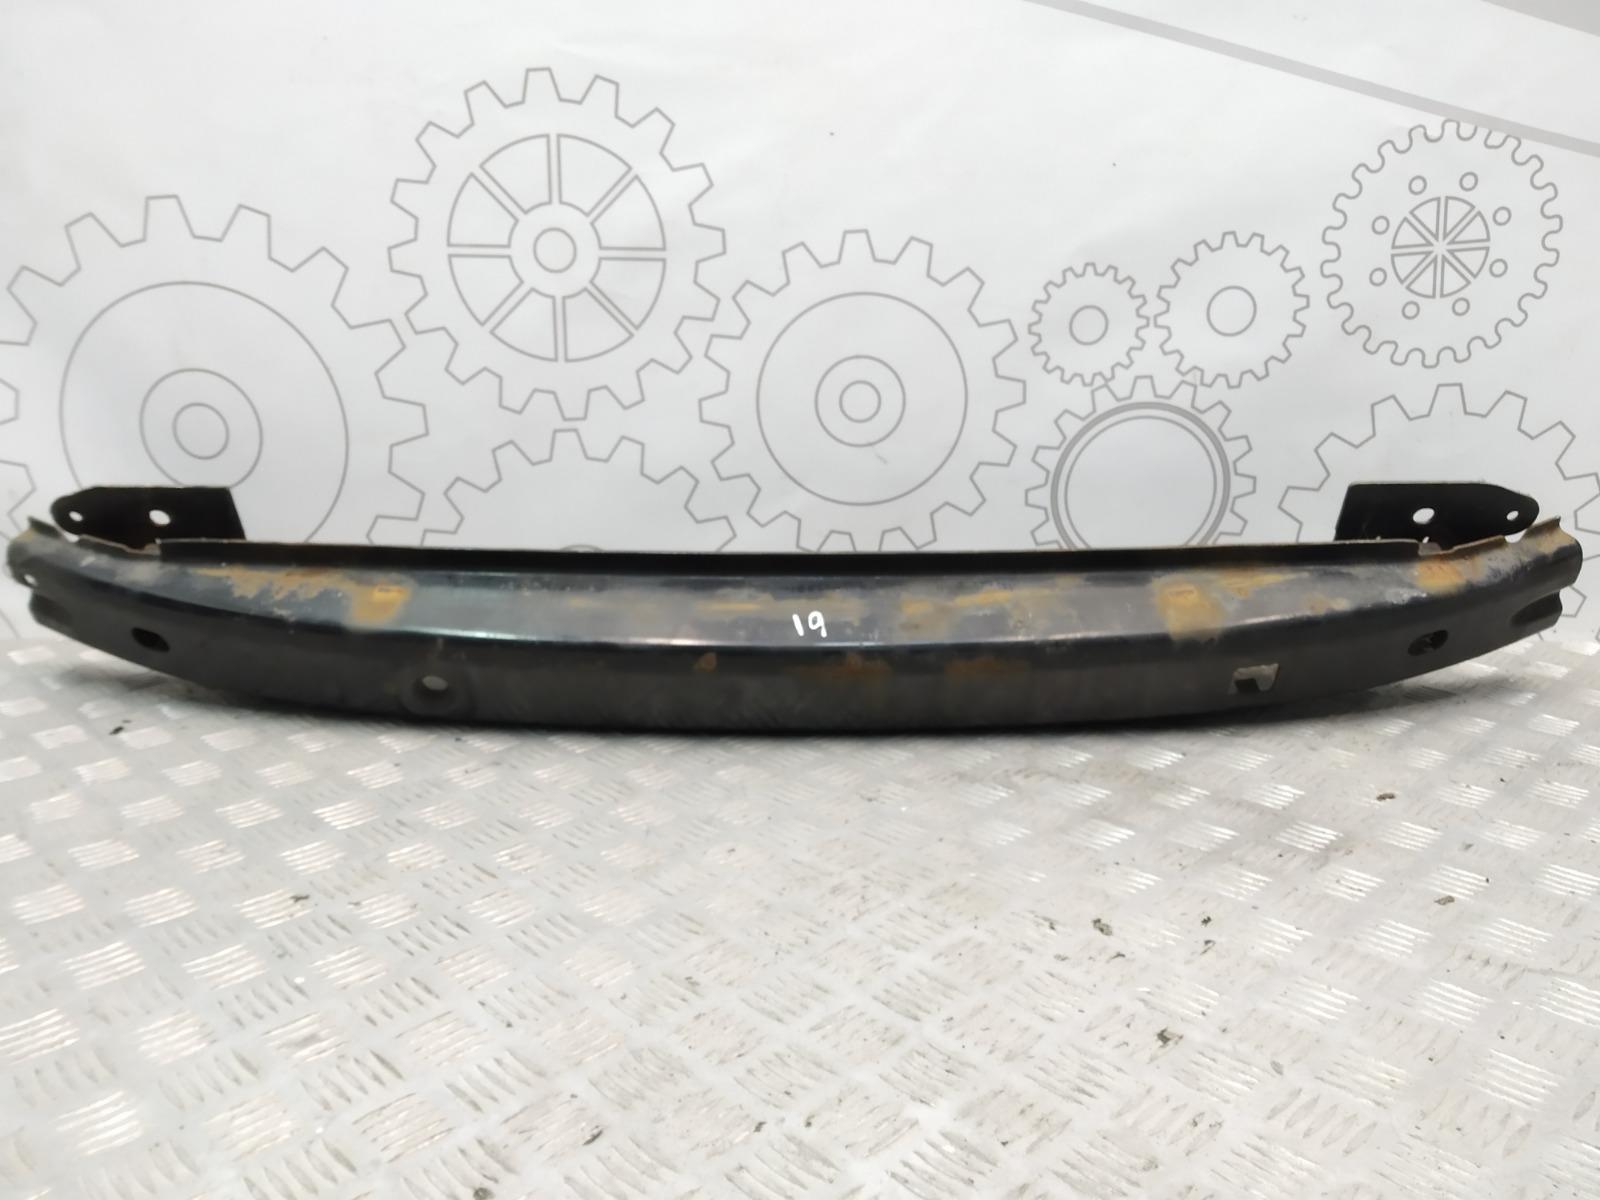 Усилитель бампера переднего Volkswagen Sharan 1.9 TDI 2007 (б/у)